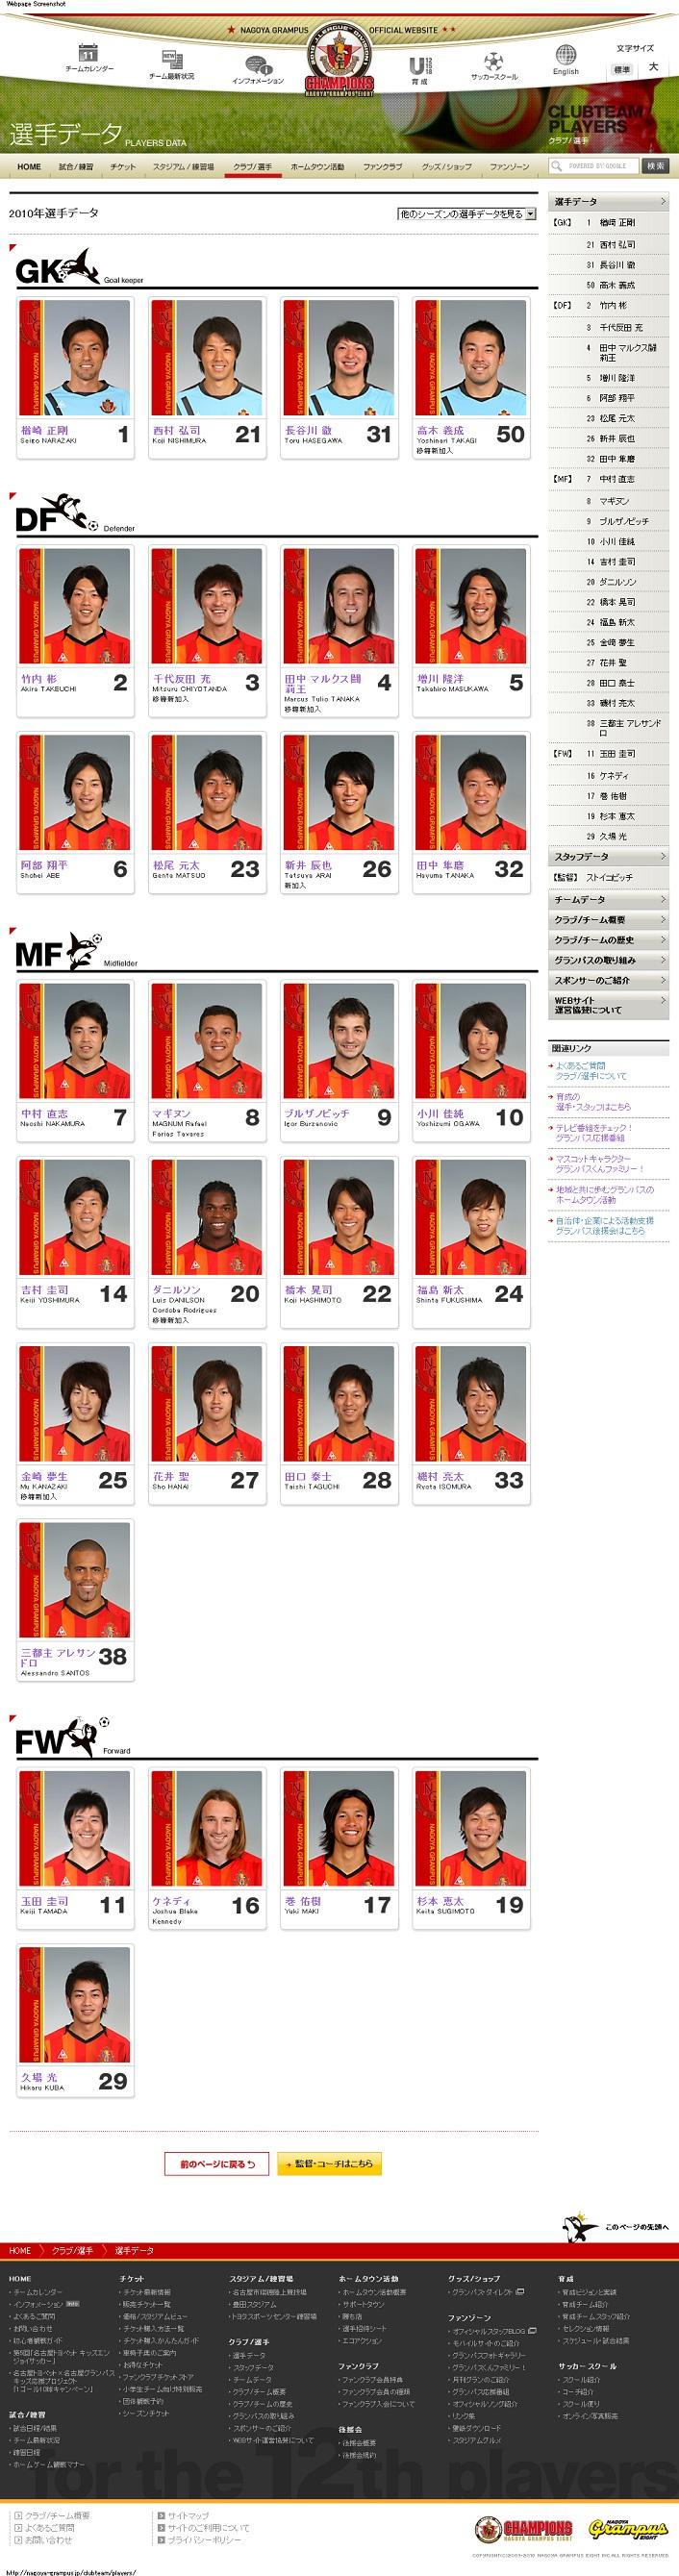 2010年の選手の画像一覧